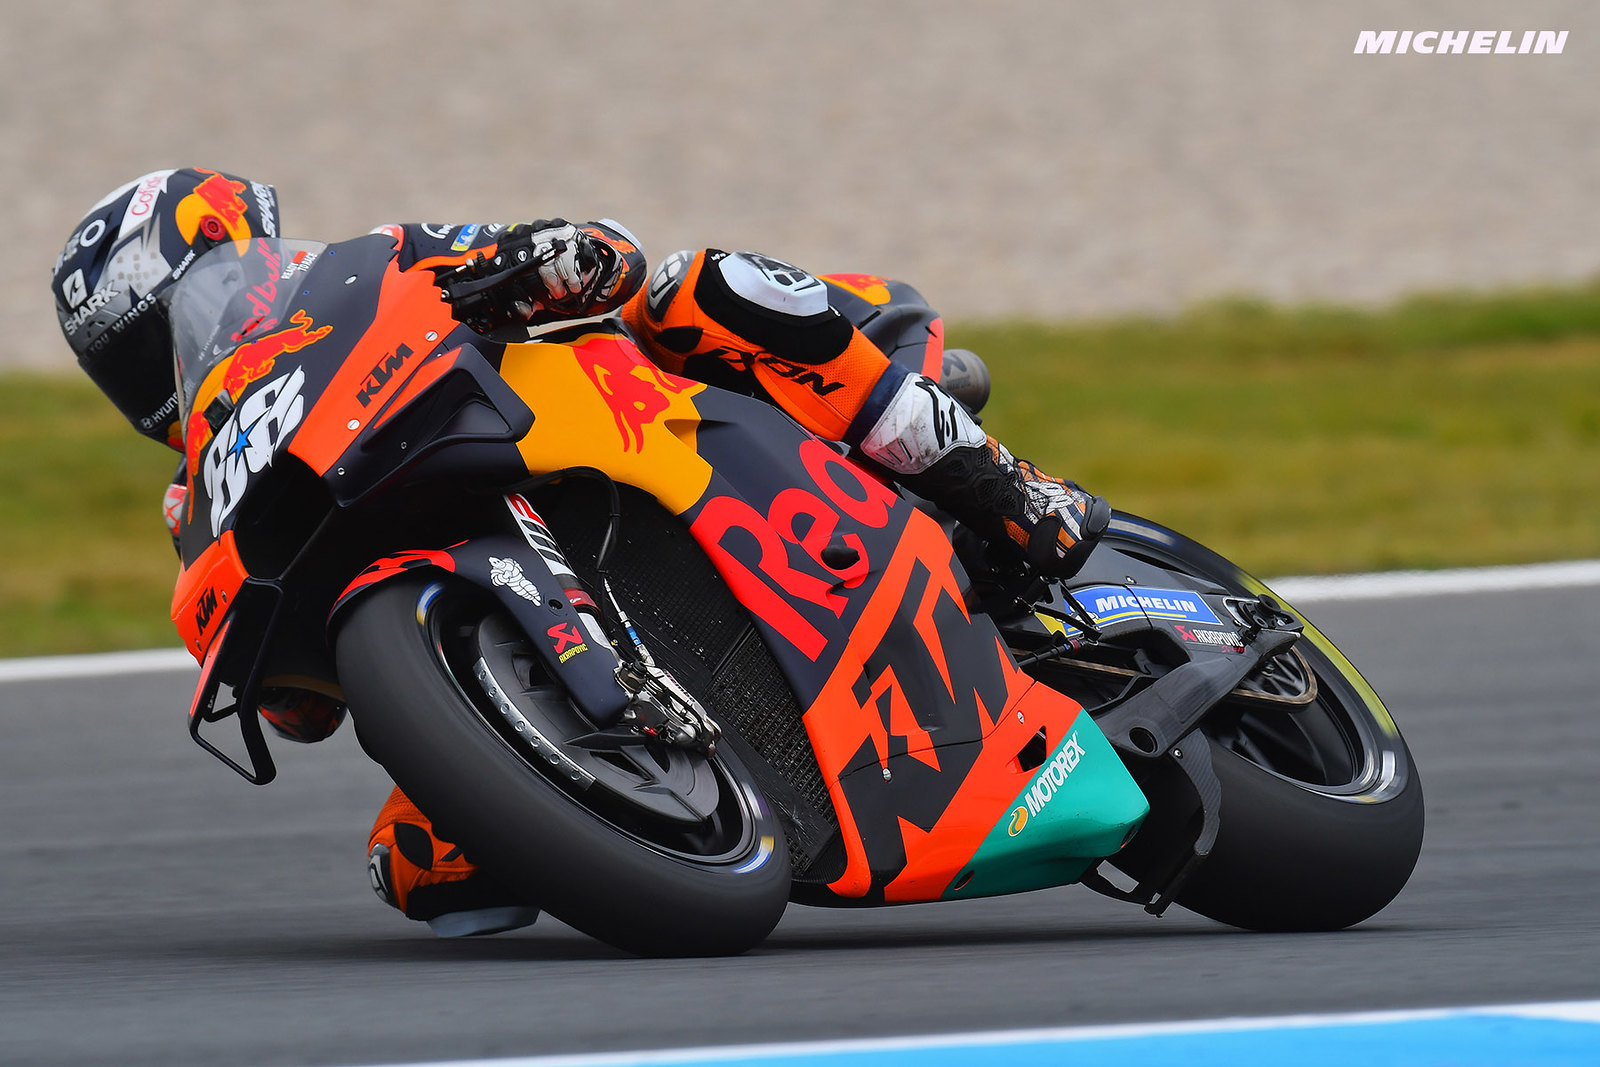 MotoGP2021オランダGP 初日総合3位ミゲル・オリヴェイラ「バイクのベースセットアップはある程度出来ている」